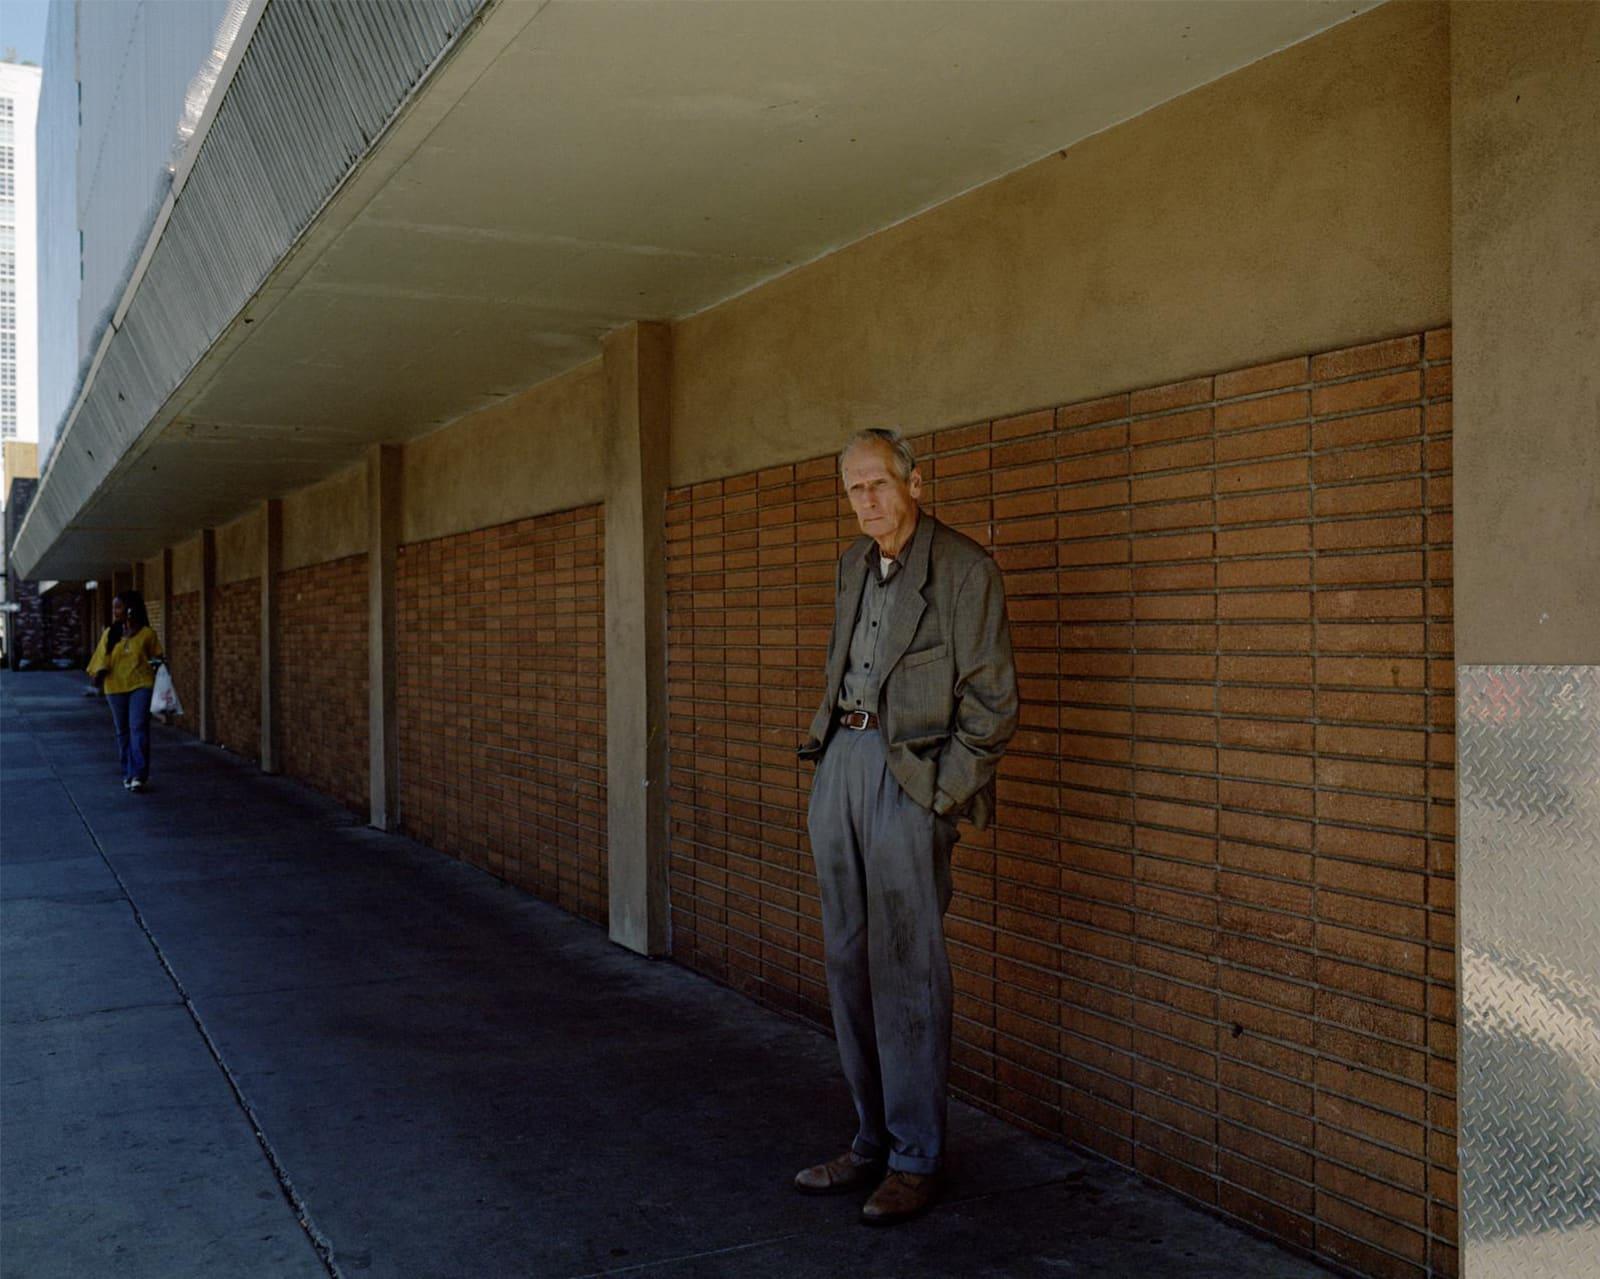 Sudnly-mag-Les Rencontres d'Arles 2021-Jean-Luc Bertini, Las Vegas, Nevada, 2015